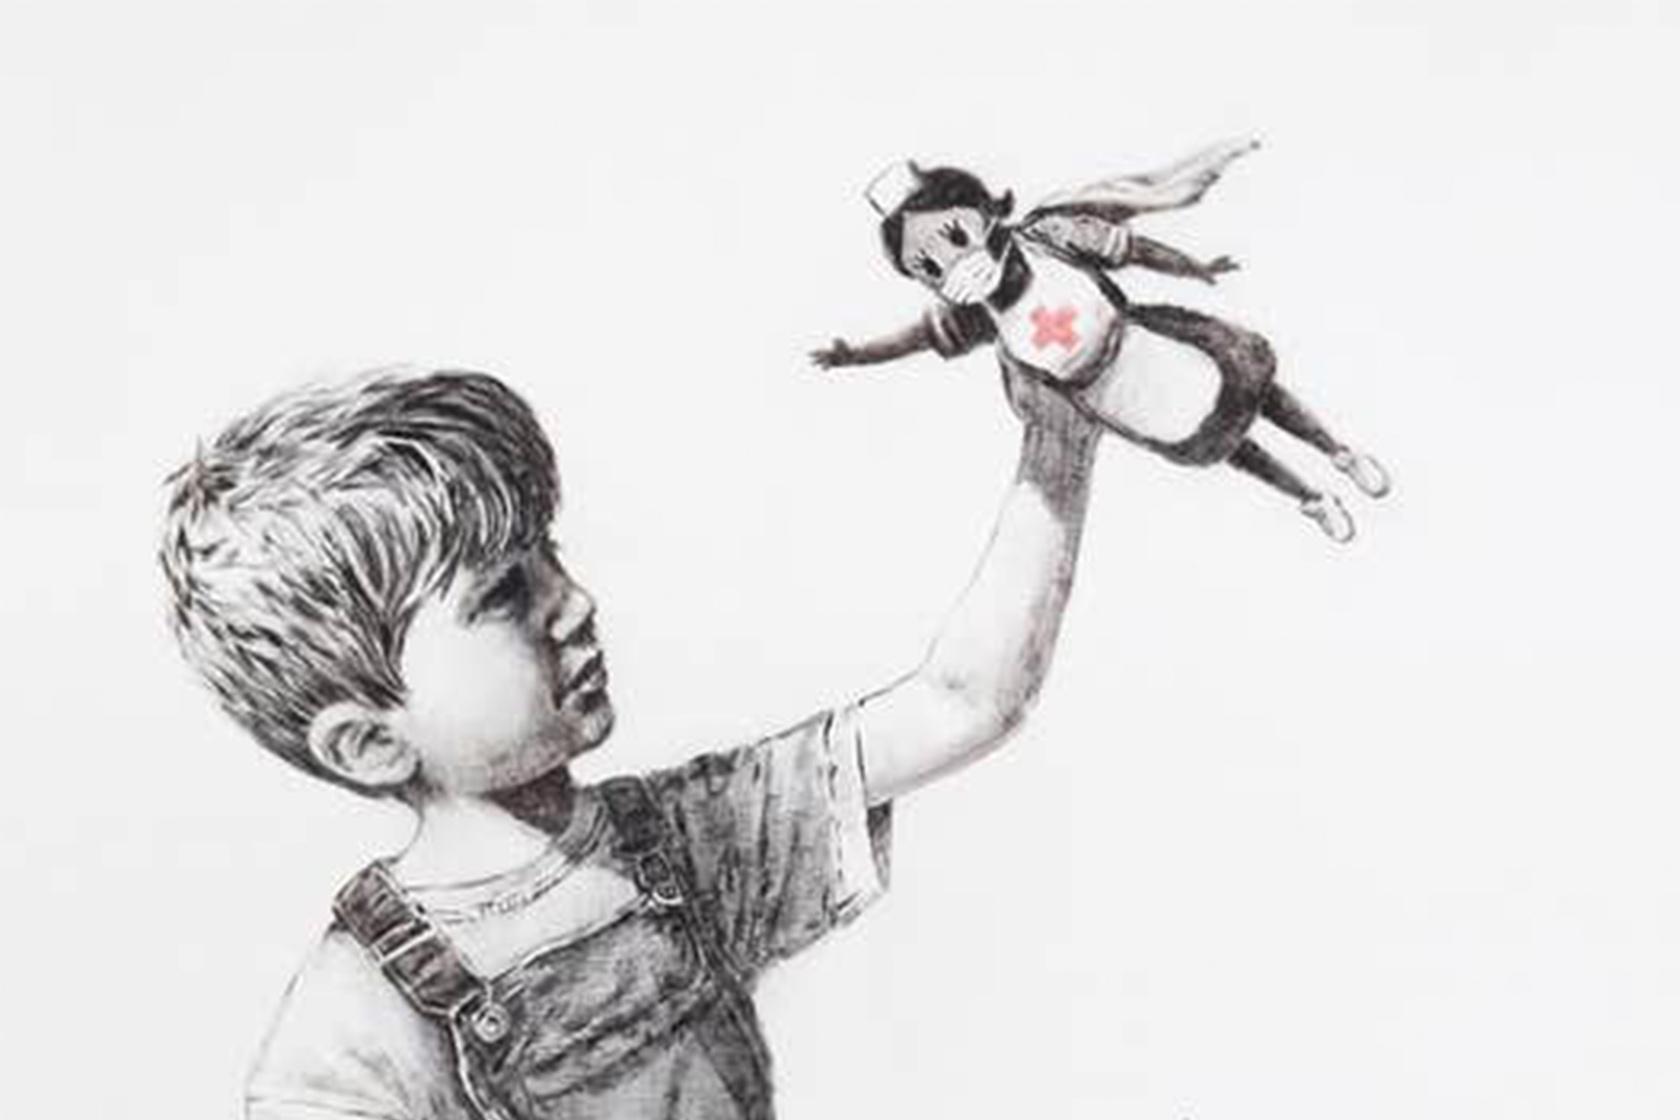 街頭藝術家再次出擊!Banksy向真正的英雄致敬